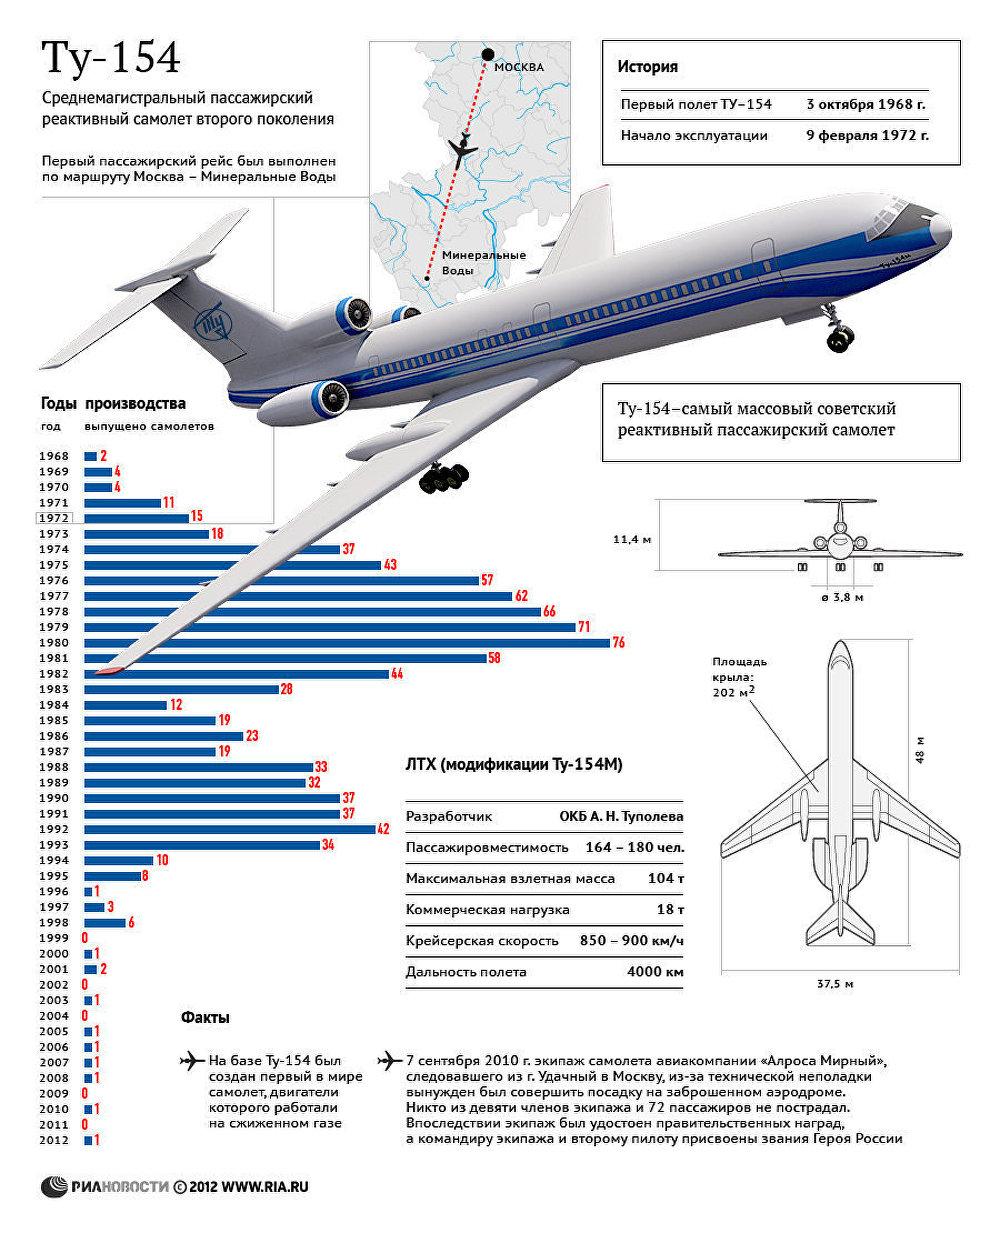 Ту-154: производство и история легендарного самолета